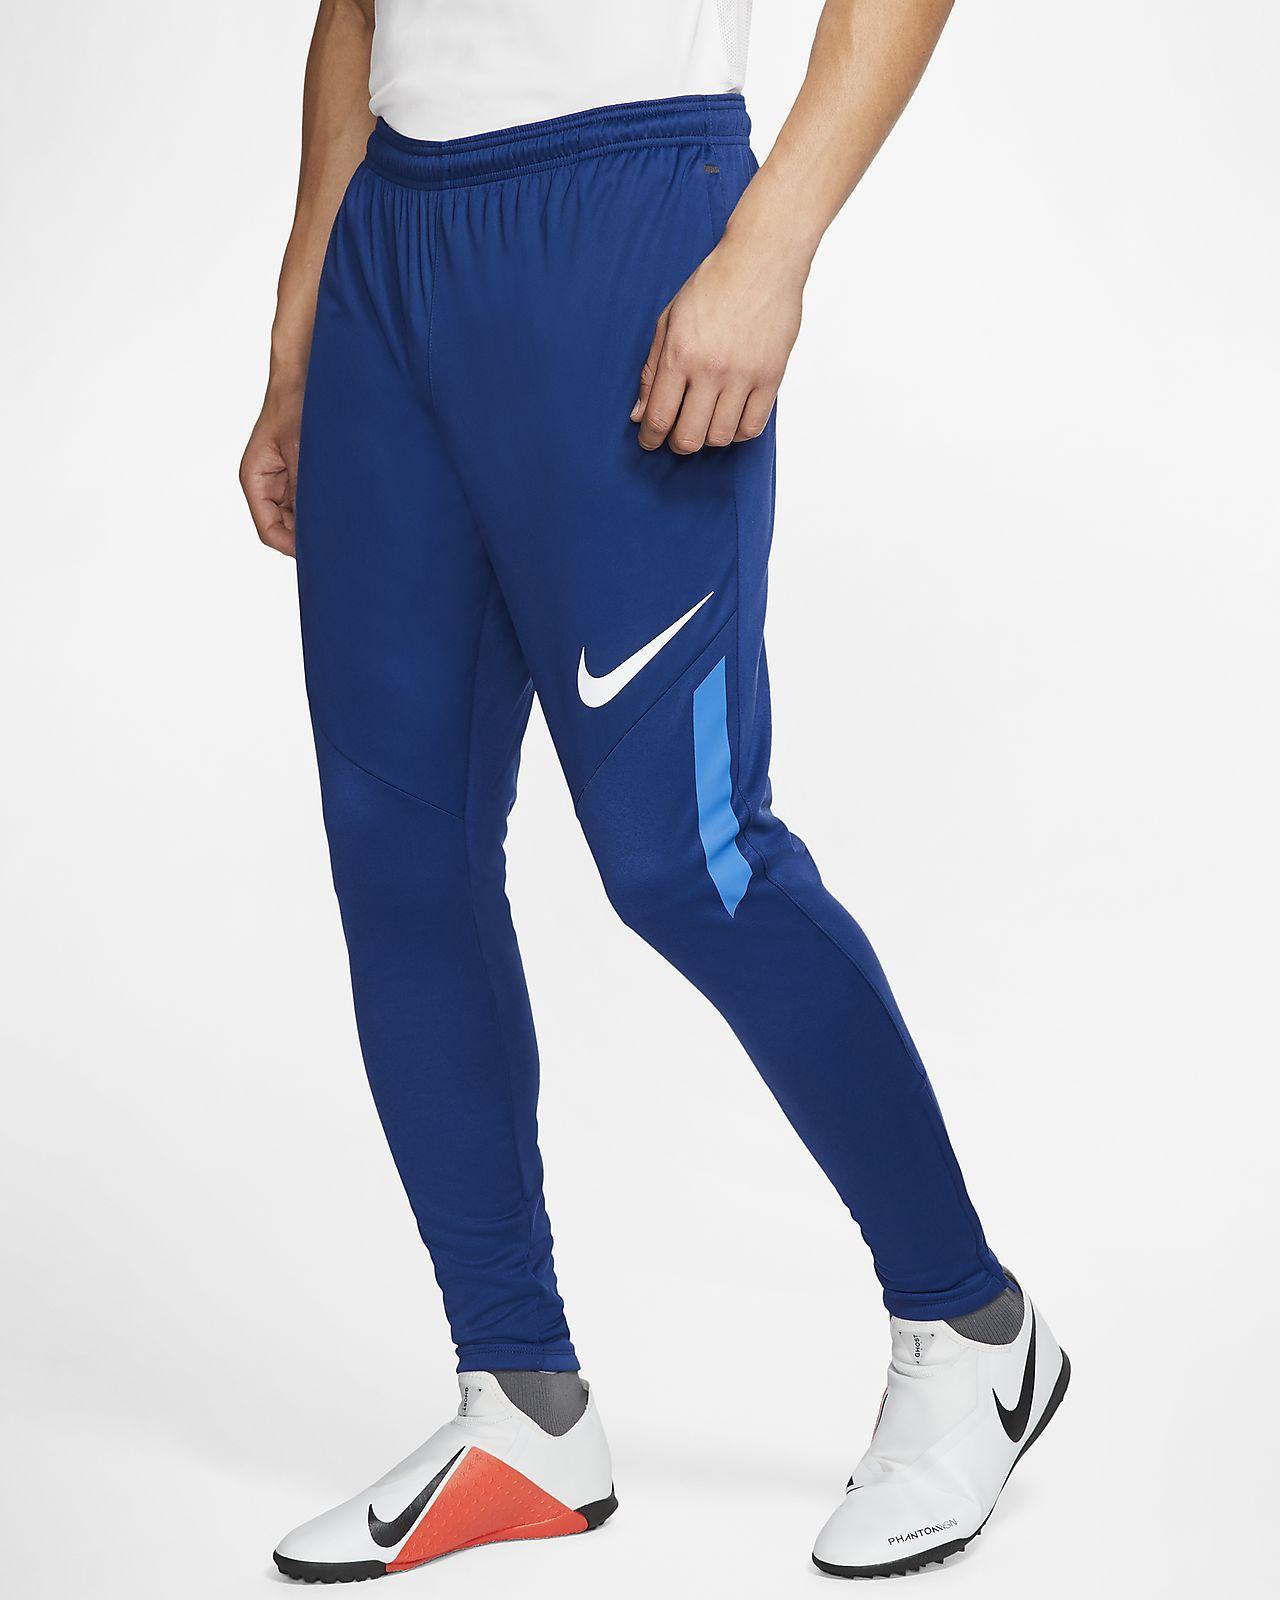 Nike Therma Shield Strike fodboldbukser til mænd